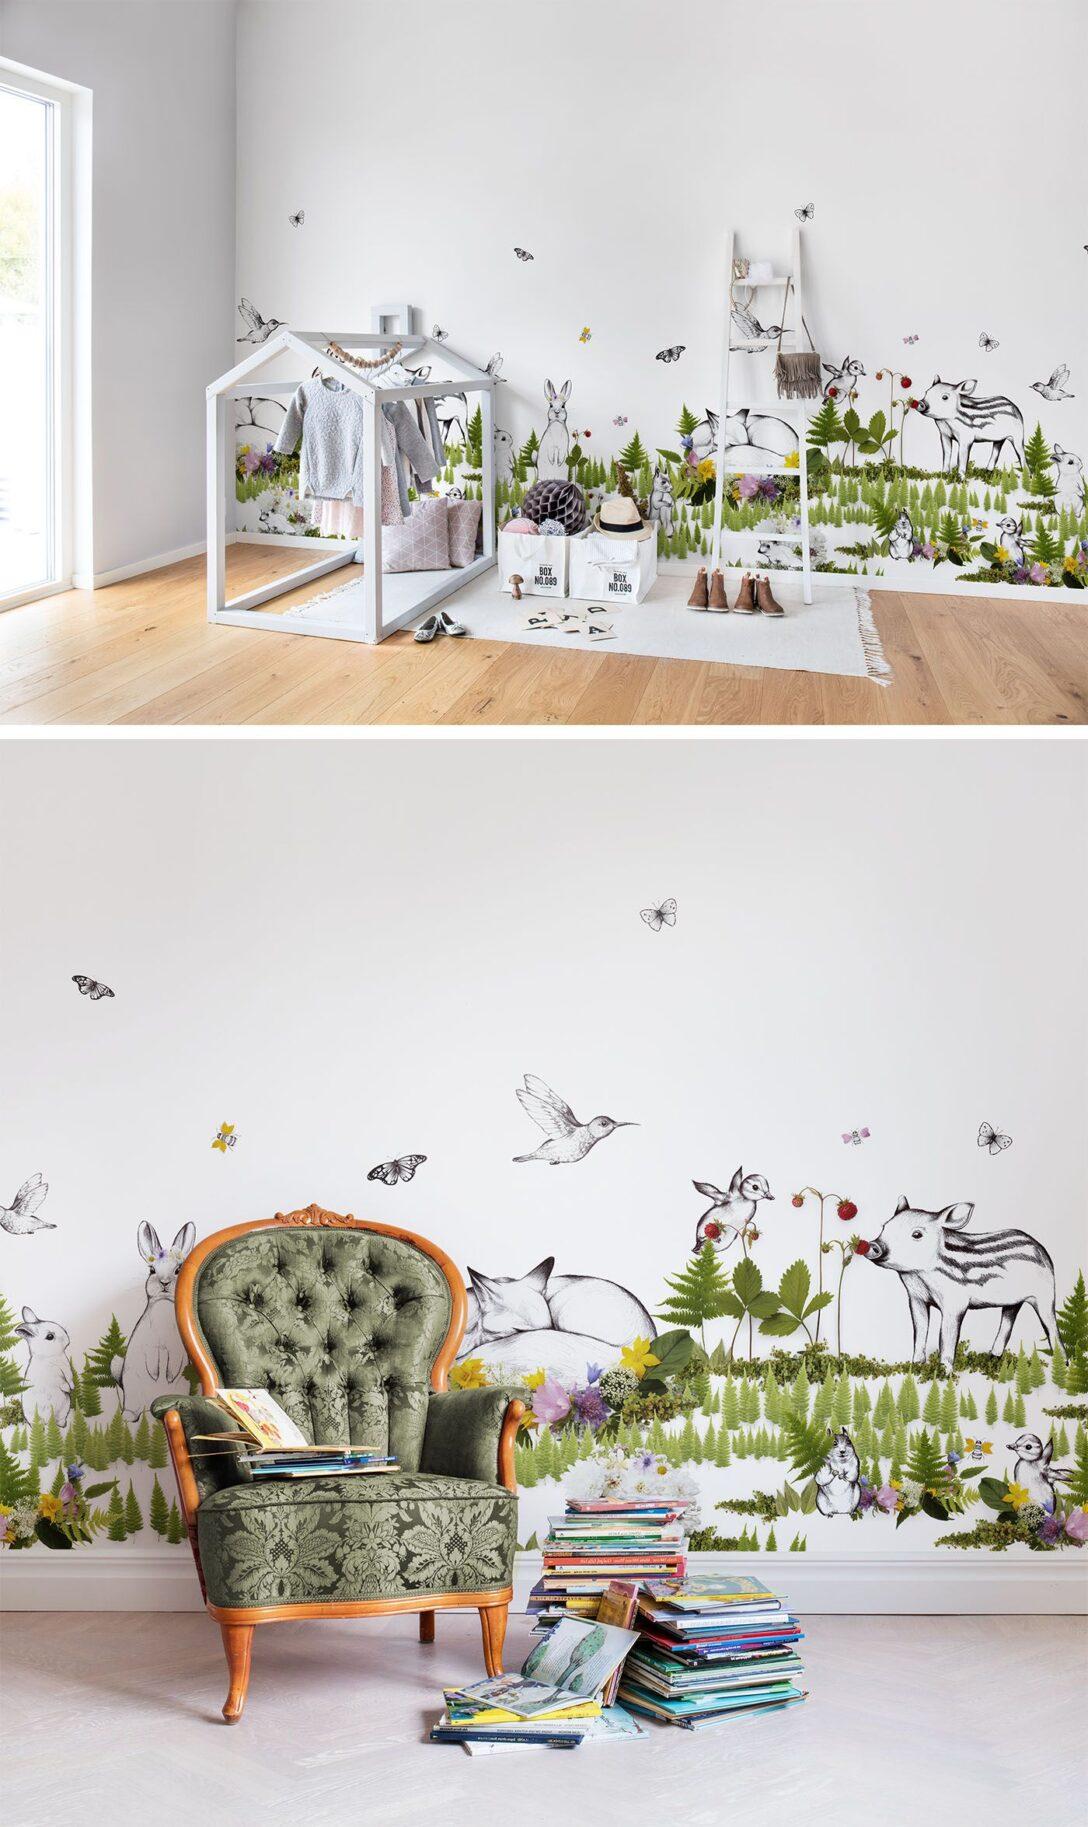 Large Size of The Rabbits Playground In 2020 Kinderzimmer Tapete Wanddeko Küche Regal Regale Weiß Sofa Kinderzimmer Kinderzimmer Wanddeko